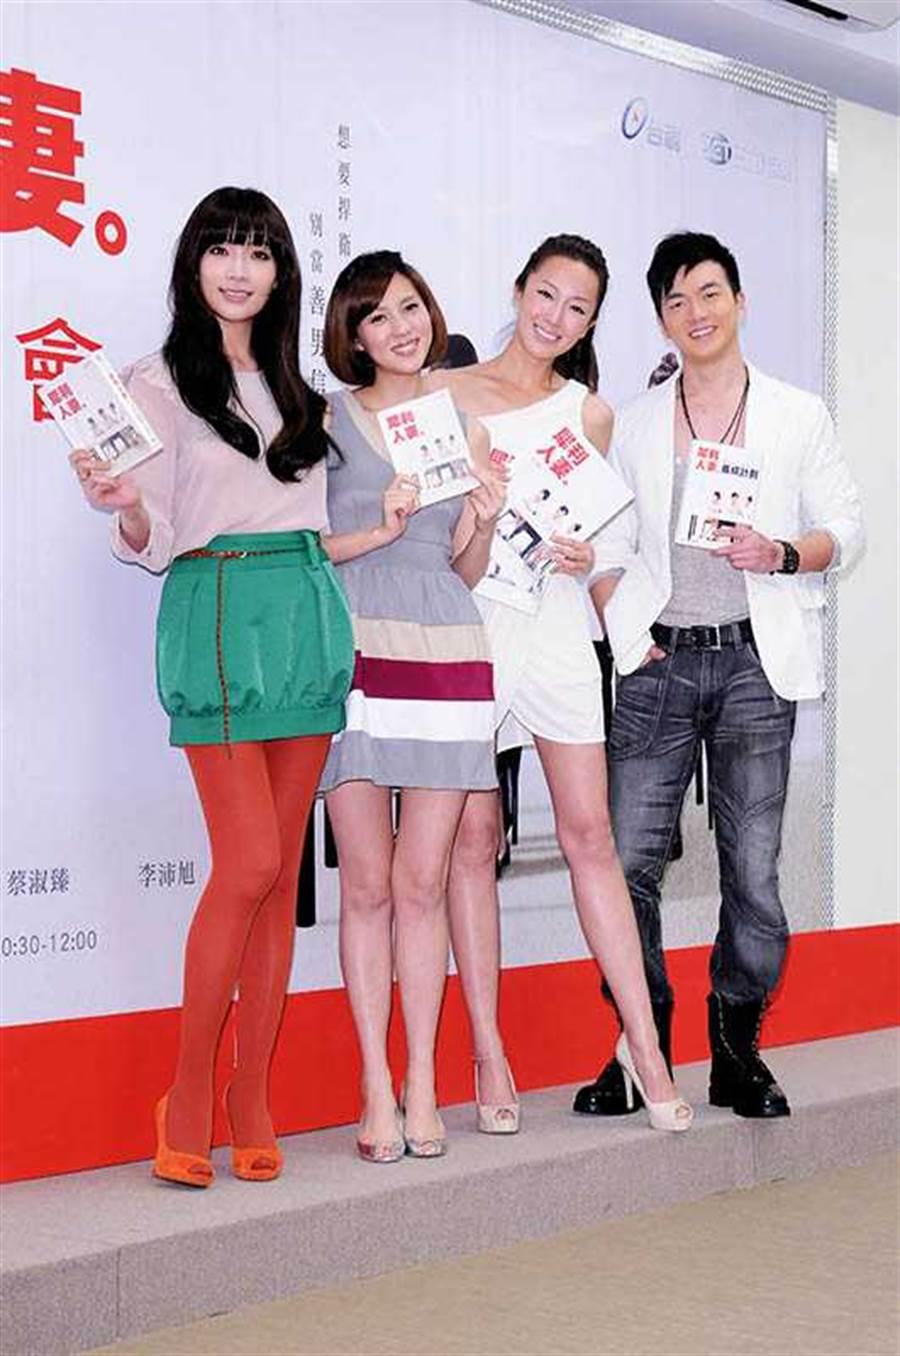 同門的李沛旭與蔡淑臻,因為合作拍攝《犀利人妻》,從同事變成戀人。(圖/報系資料庫